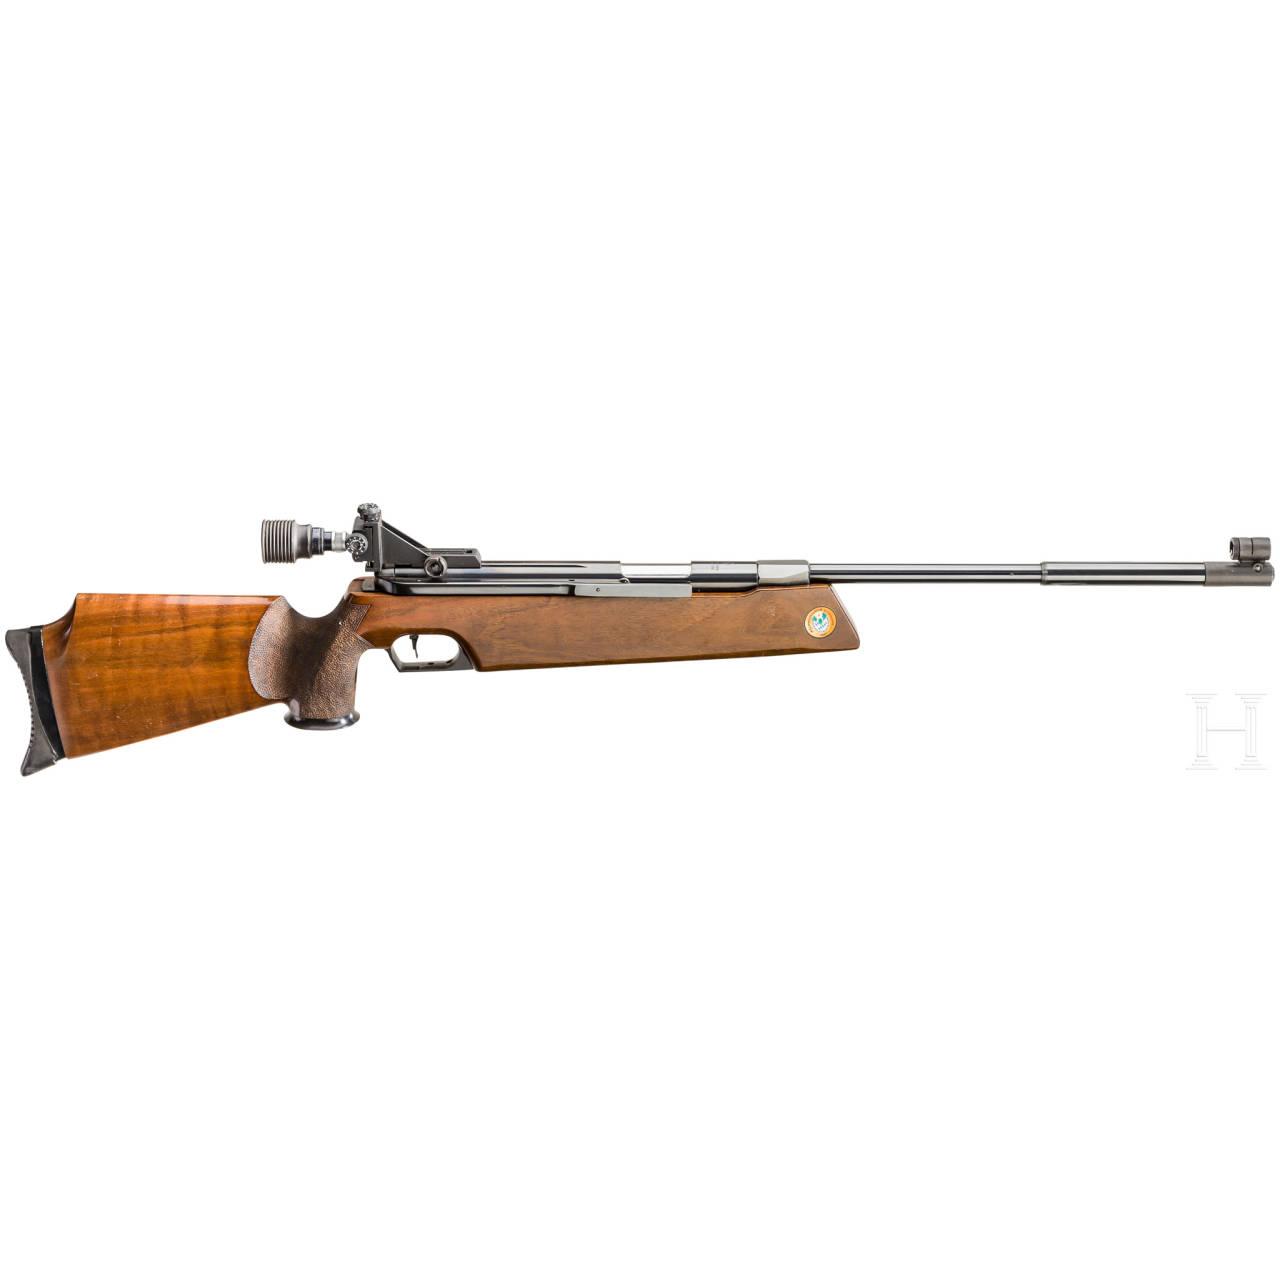 Matchluftgewehr Feinwerkbau Mod. 300 S, mit Diopter